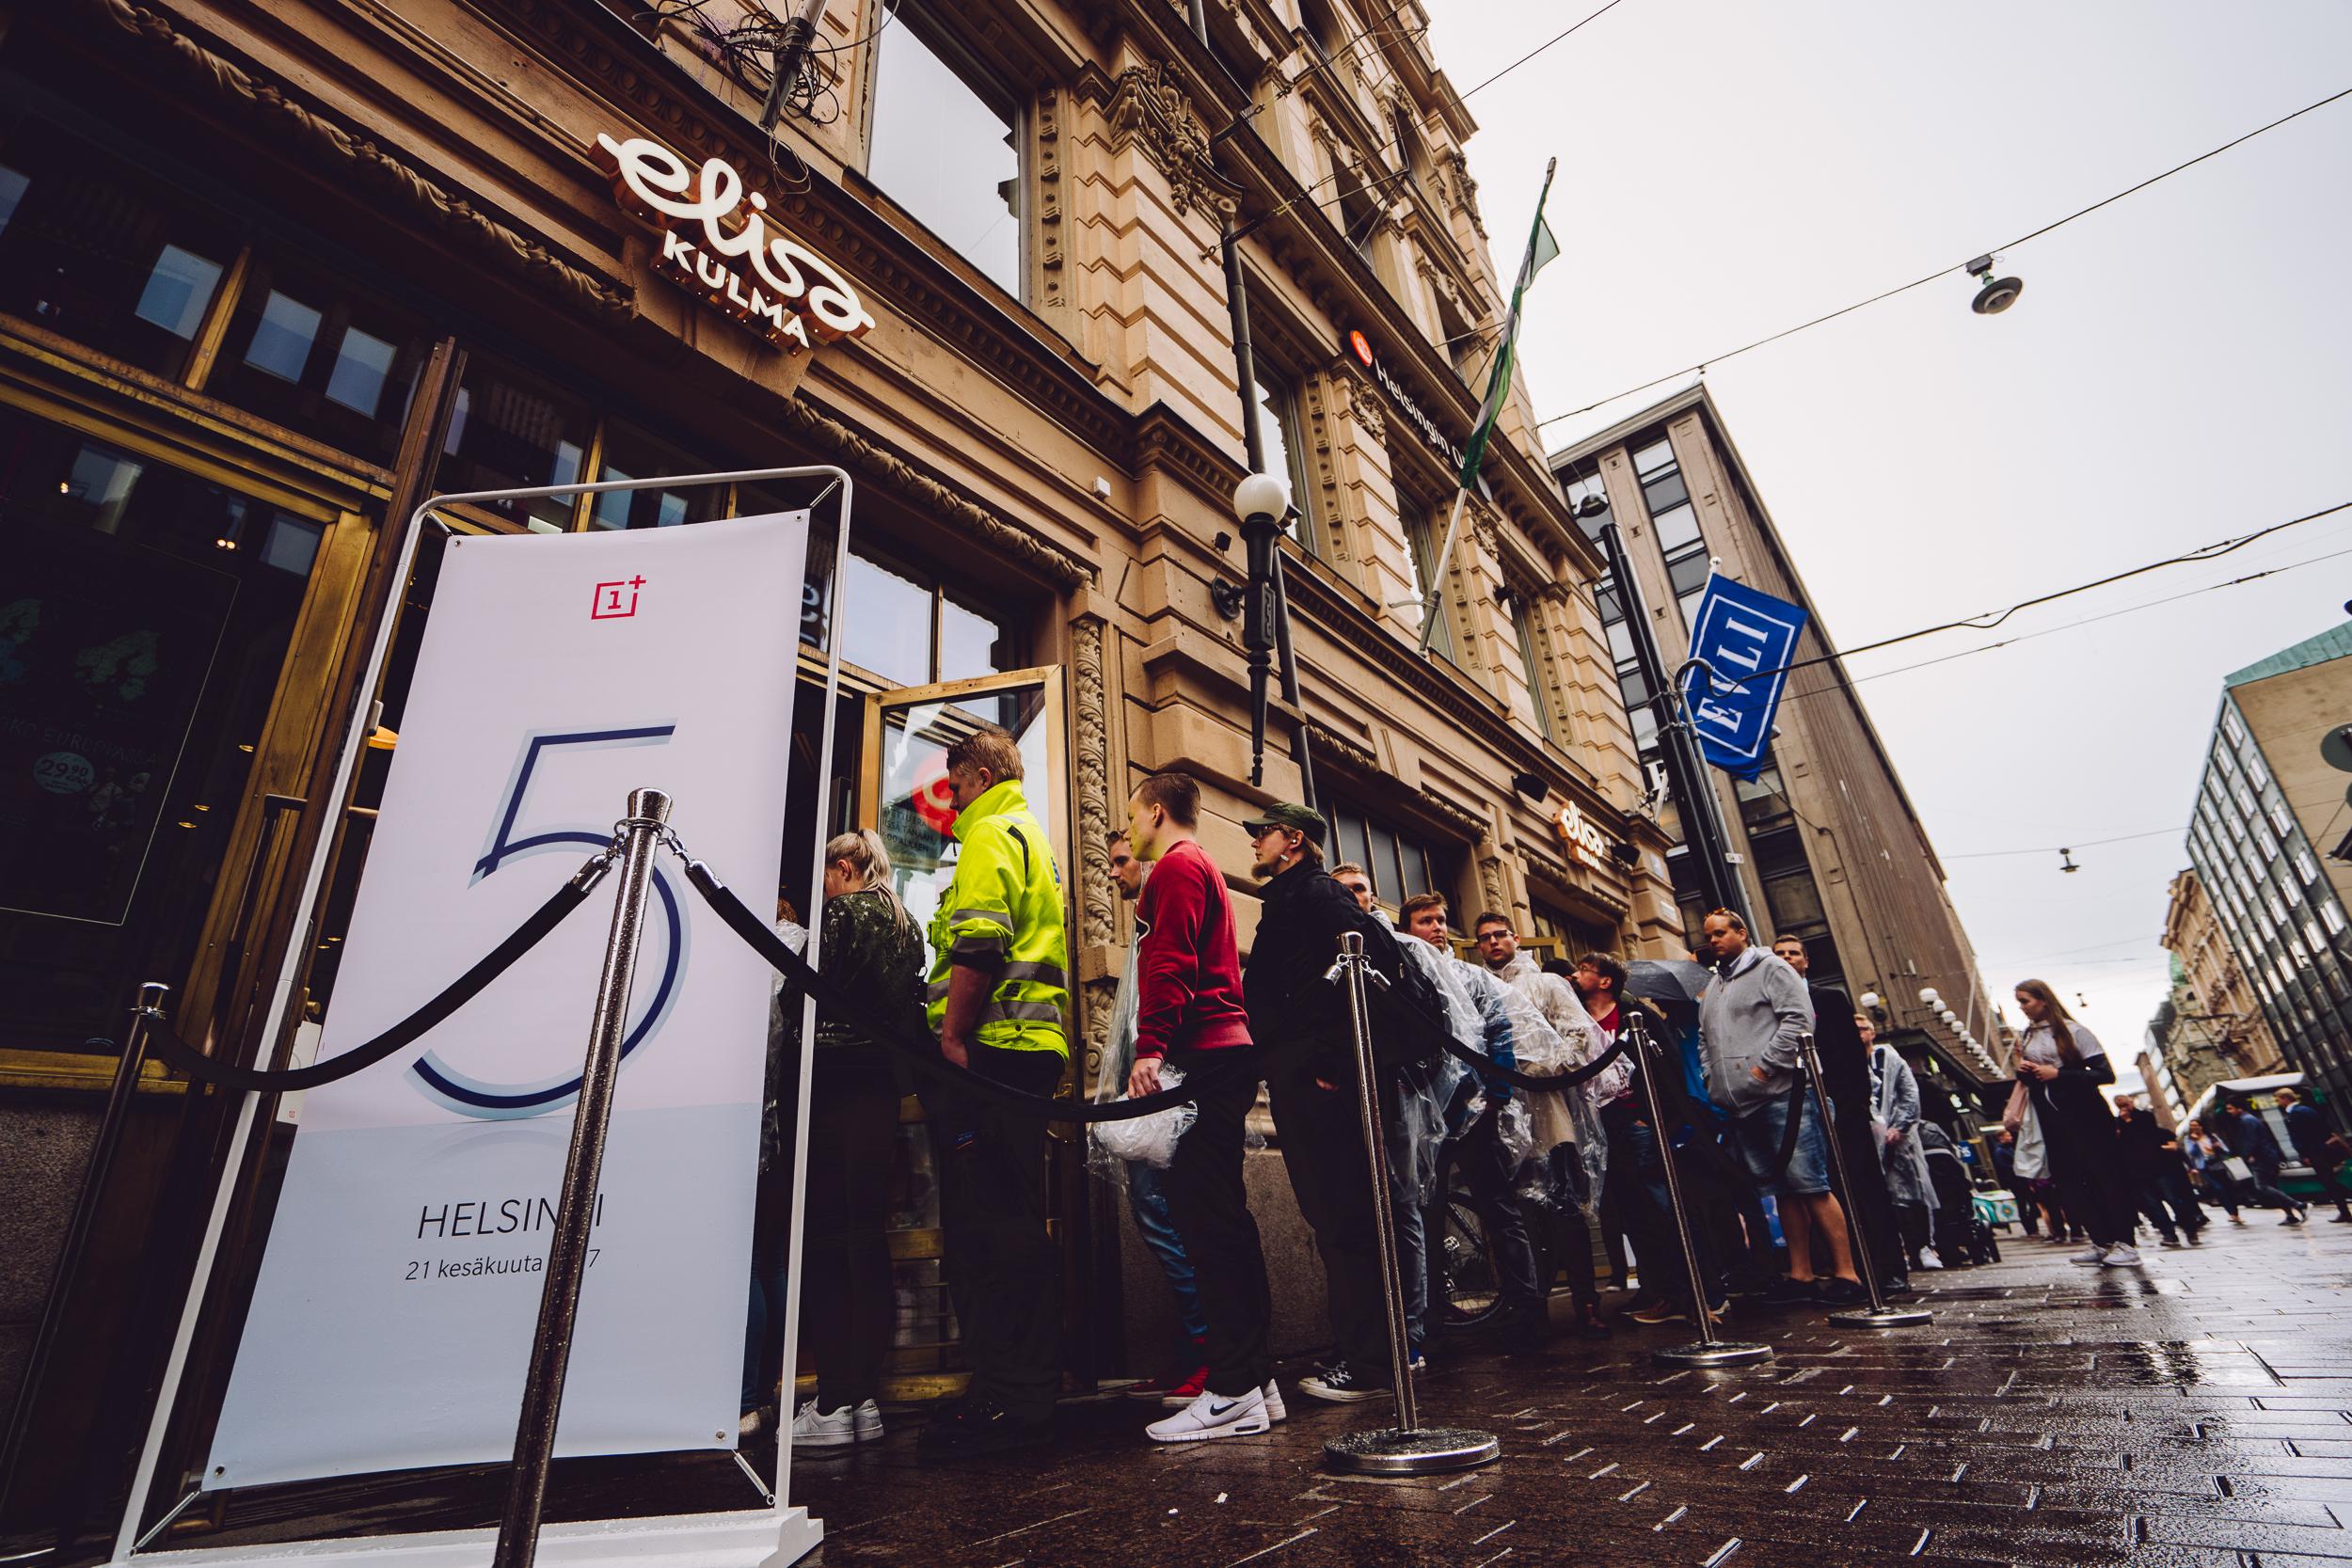 004 OnePlus 5 launch Helsinki Finland 21.6.2017